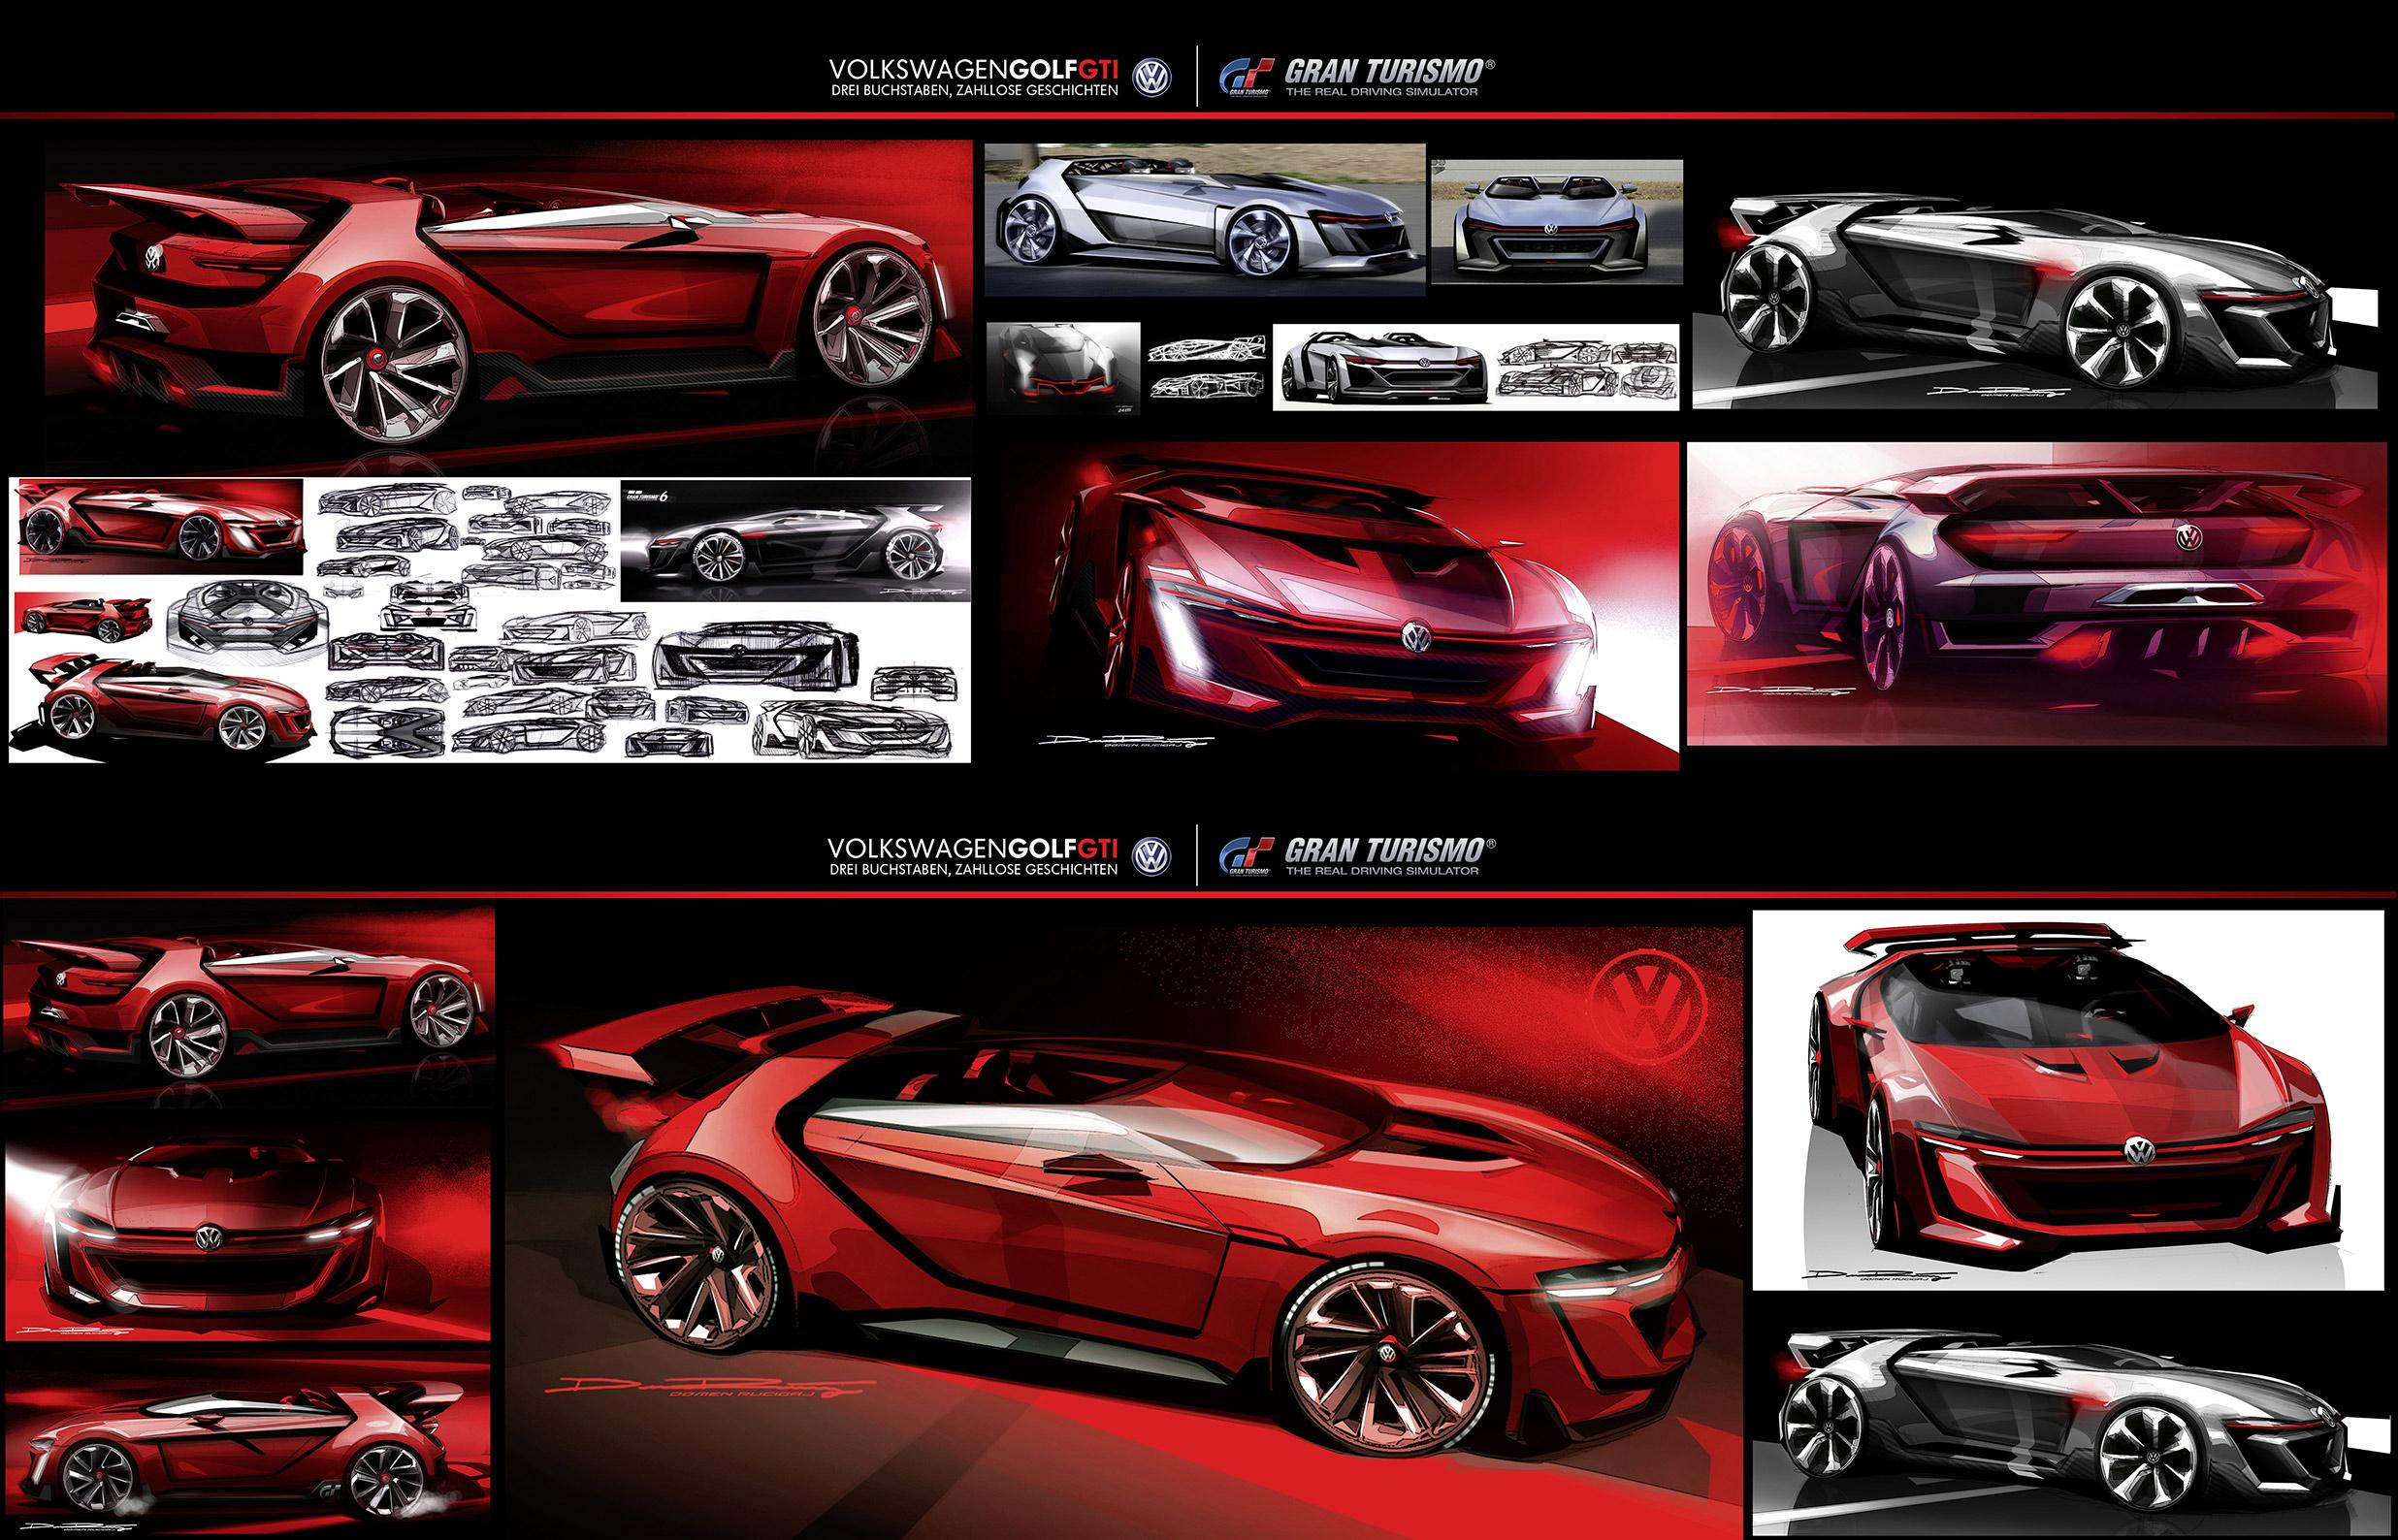 volkswagen design vision gti gran turismo 006 600x385